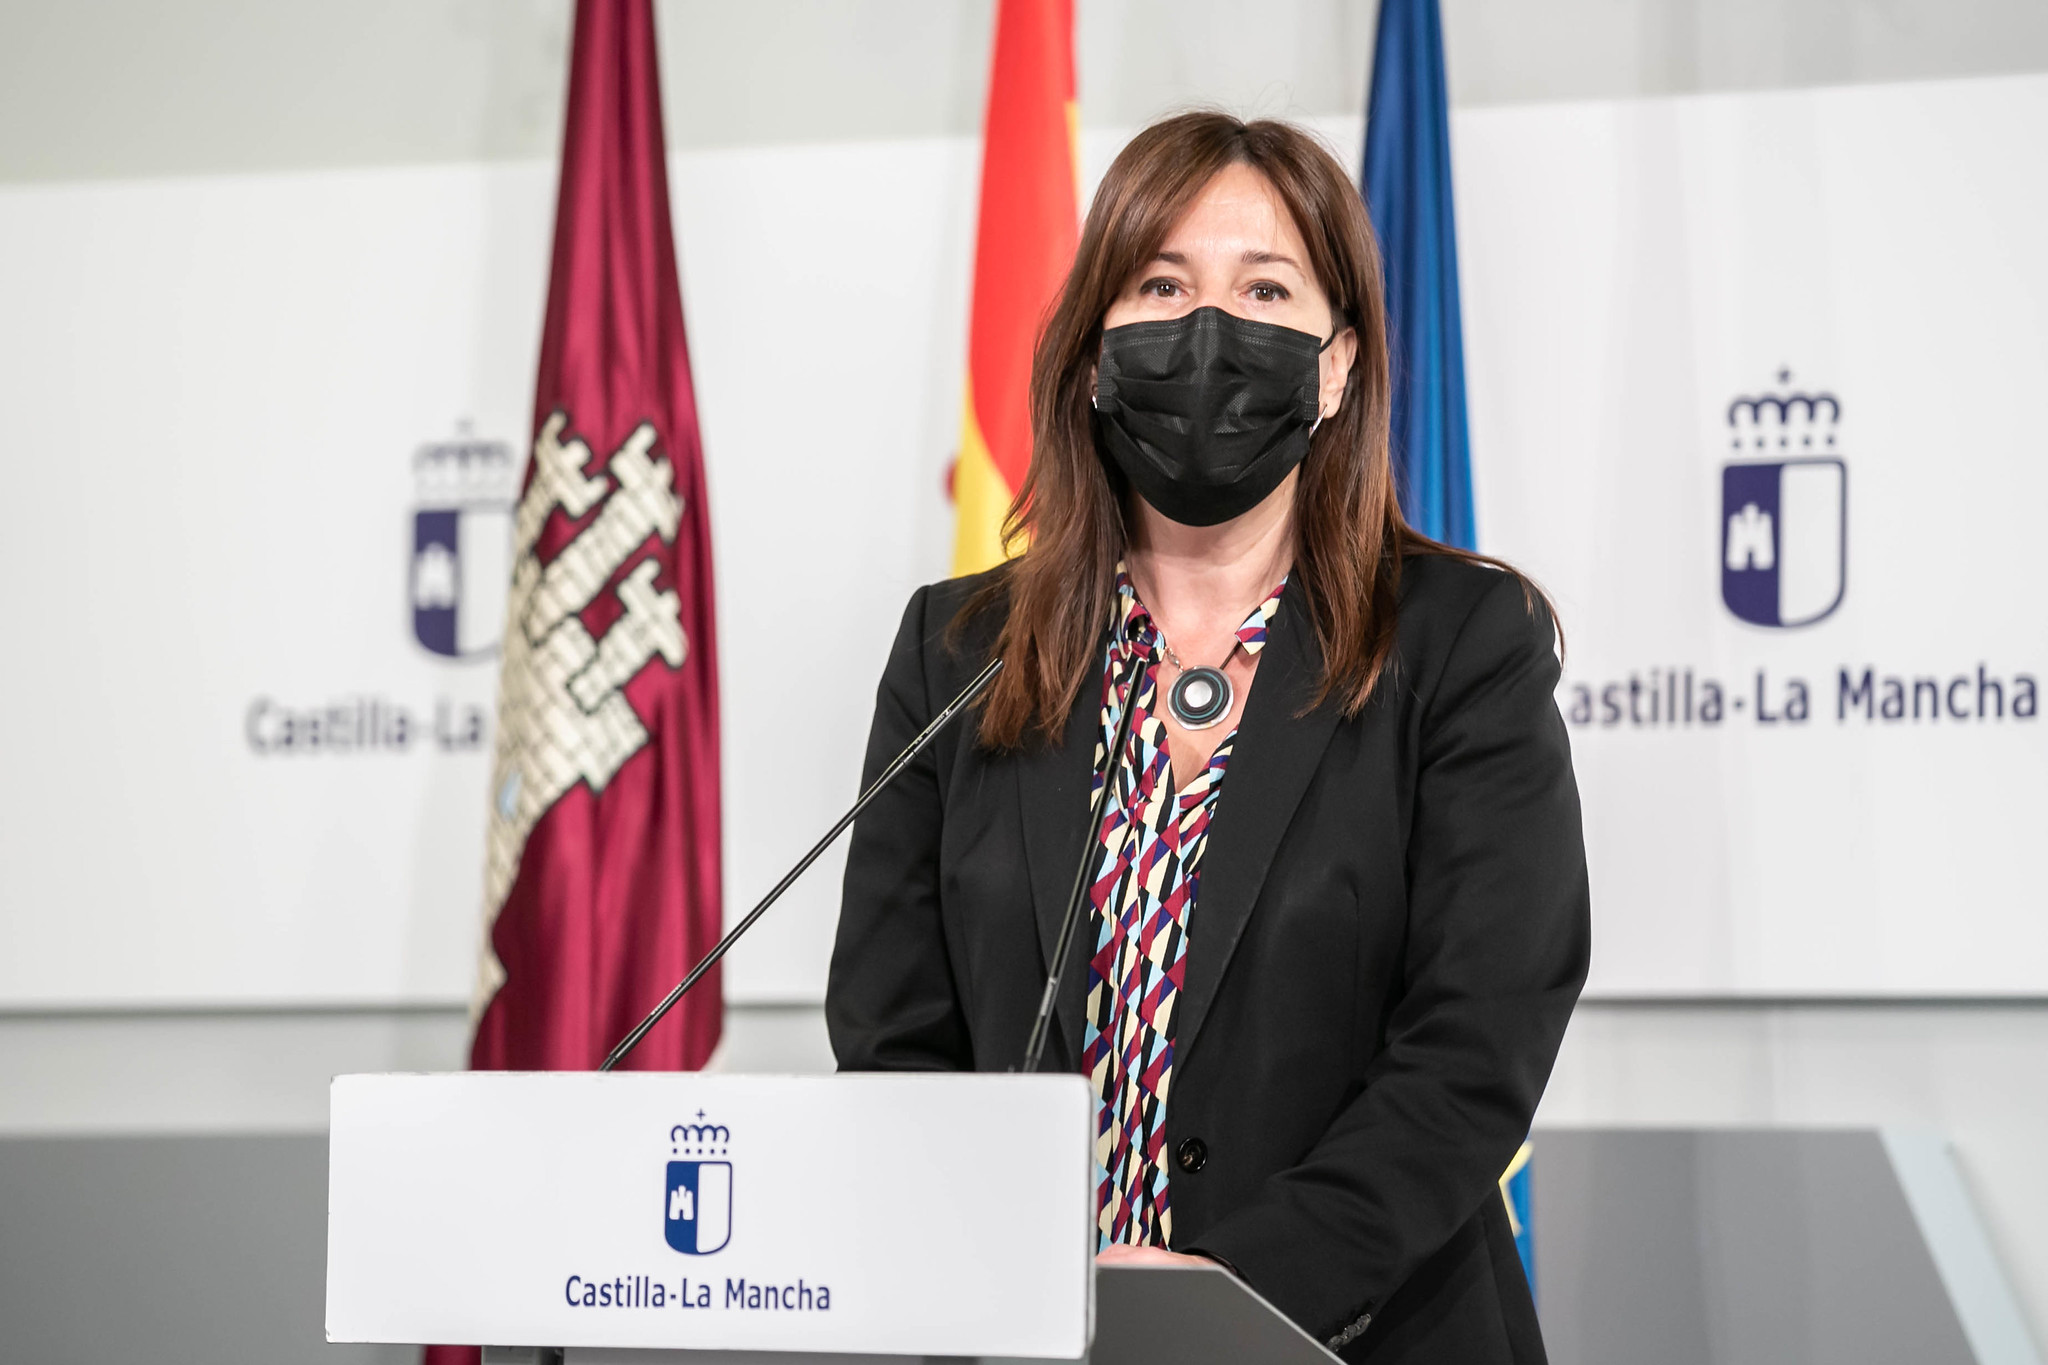 El Consejo de Gobierno aprueba el Proyecto de Ley por el que se crea el Colegio Oficial de Licenciados y Graduados en Ciencias Ambientales de Castilla-La Mancha